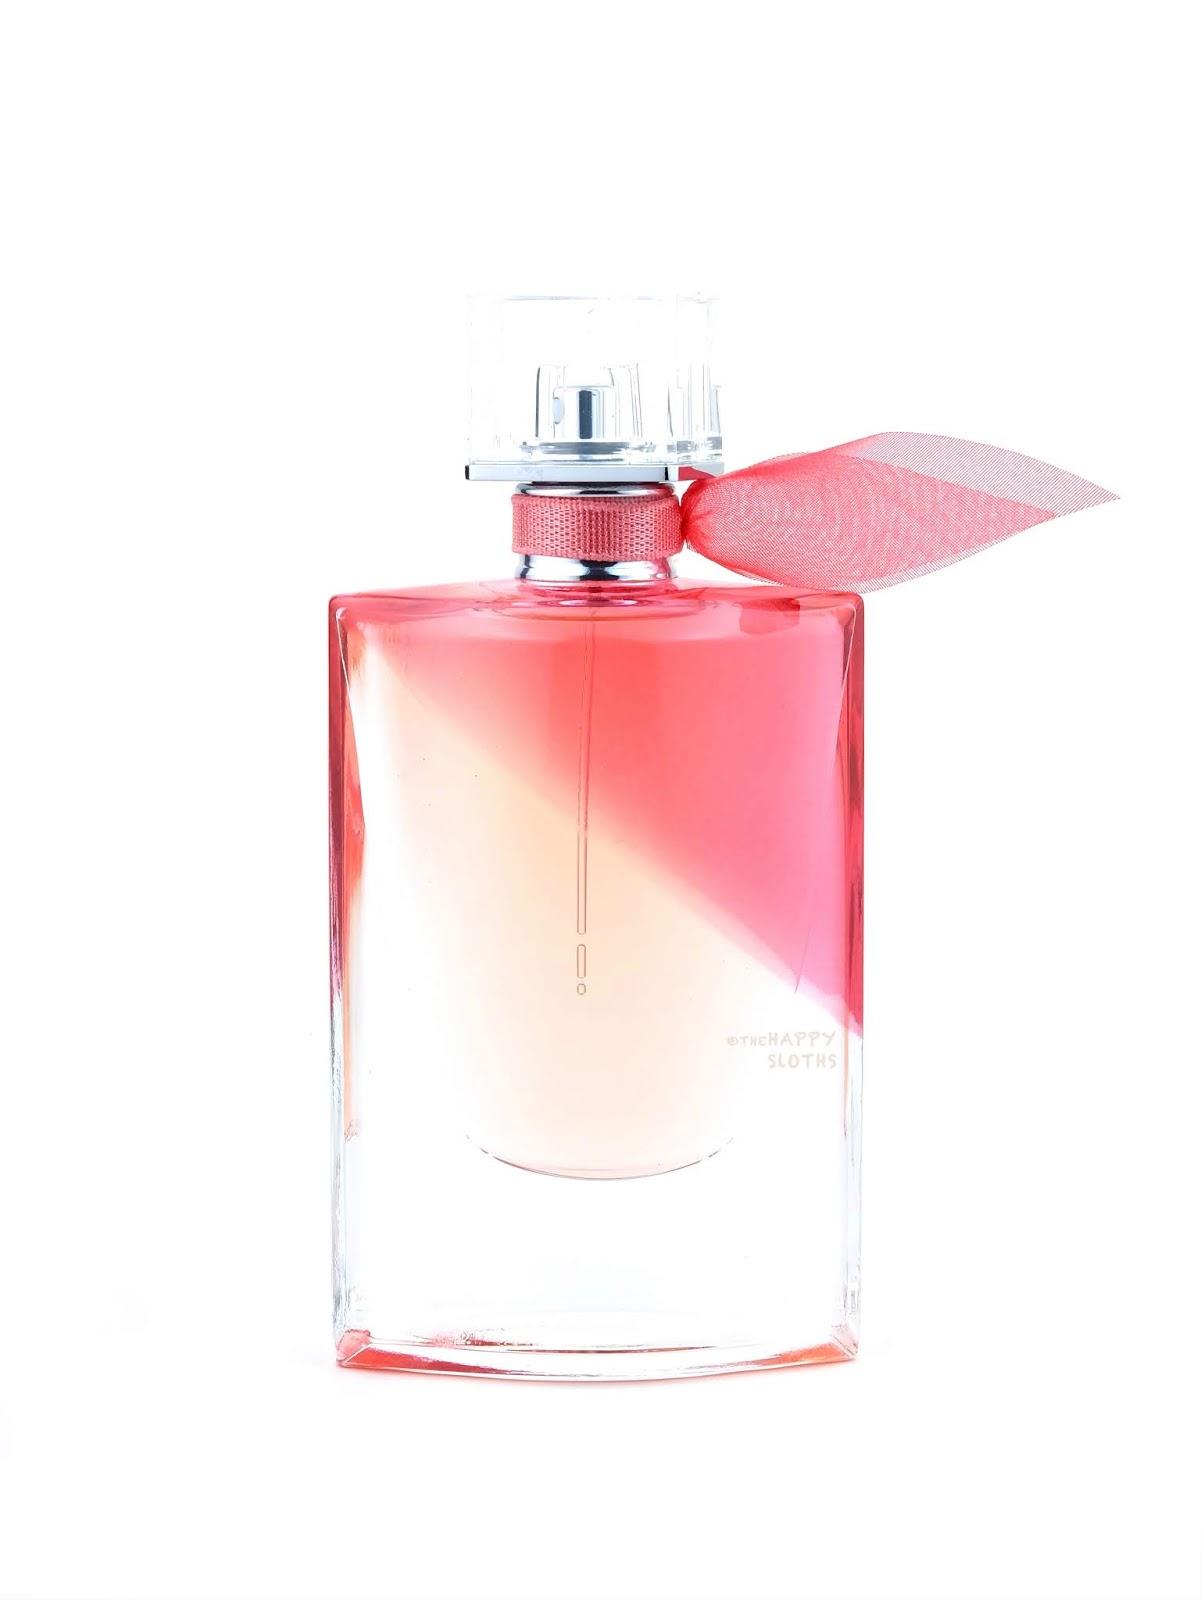 Lancome | La Vie Est Belle En Rose L'Eau de Toilette: Review